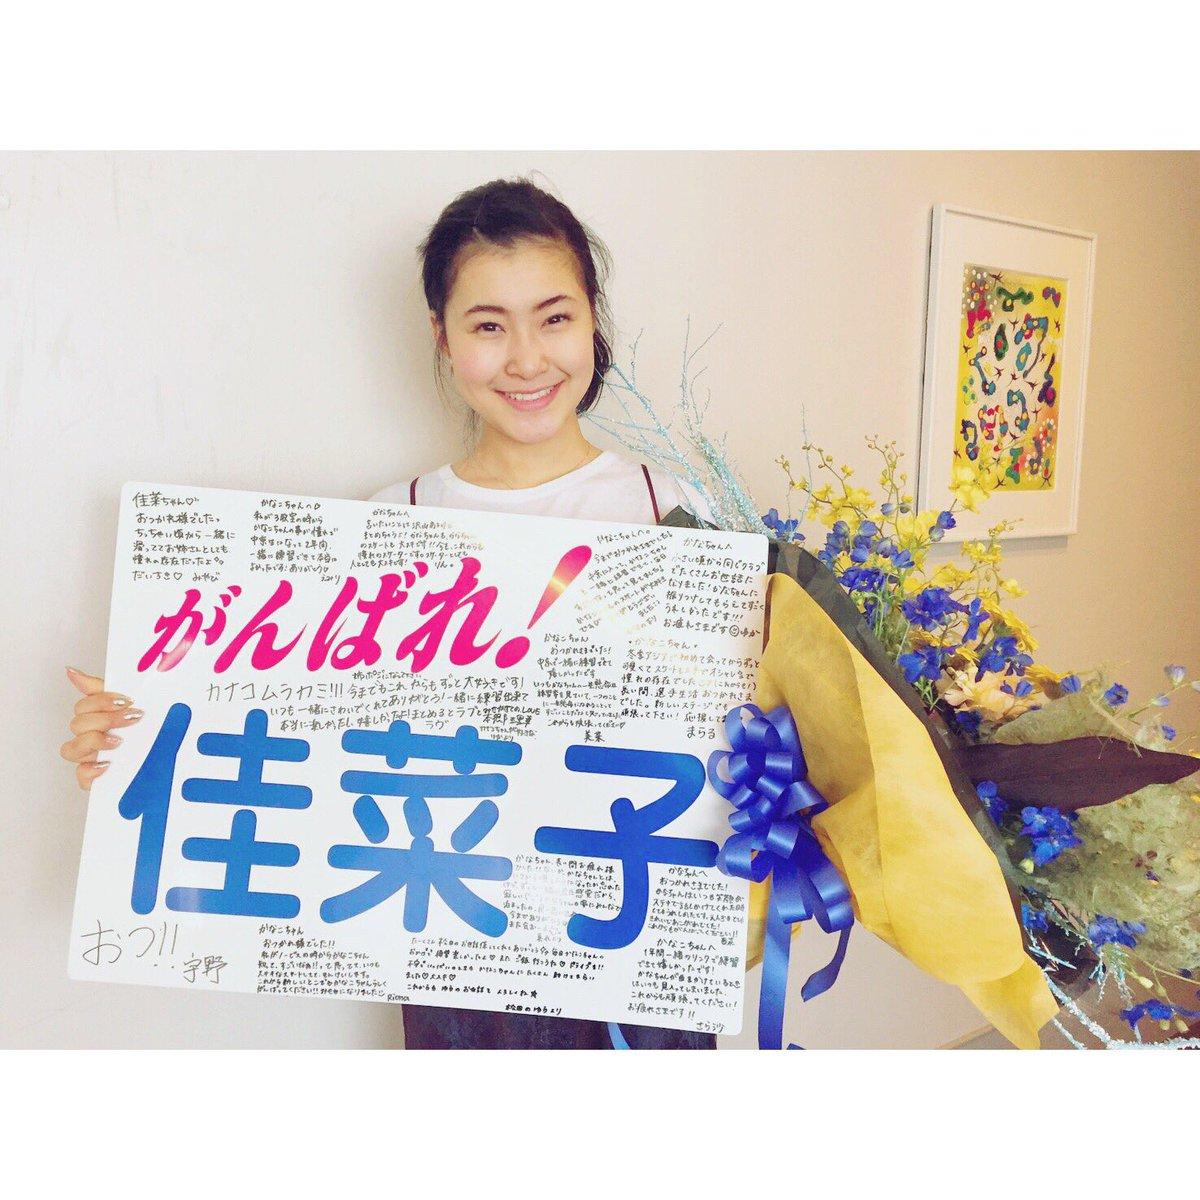 村上佳菜子への応援メッセージに宇野昌磨が書いた言葉が男らしくてさっぱりしてる